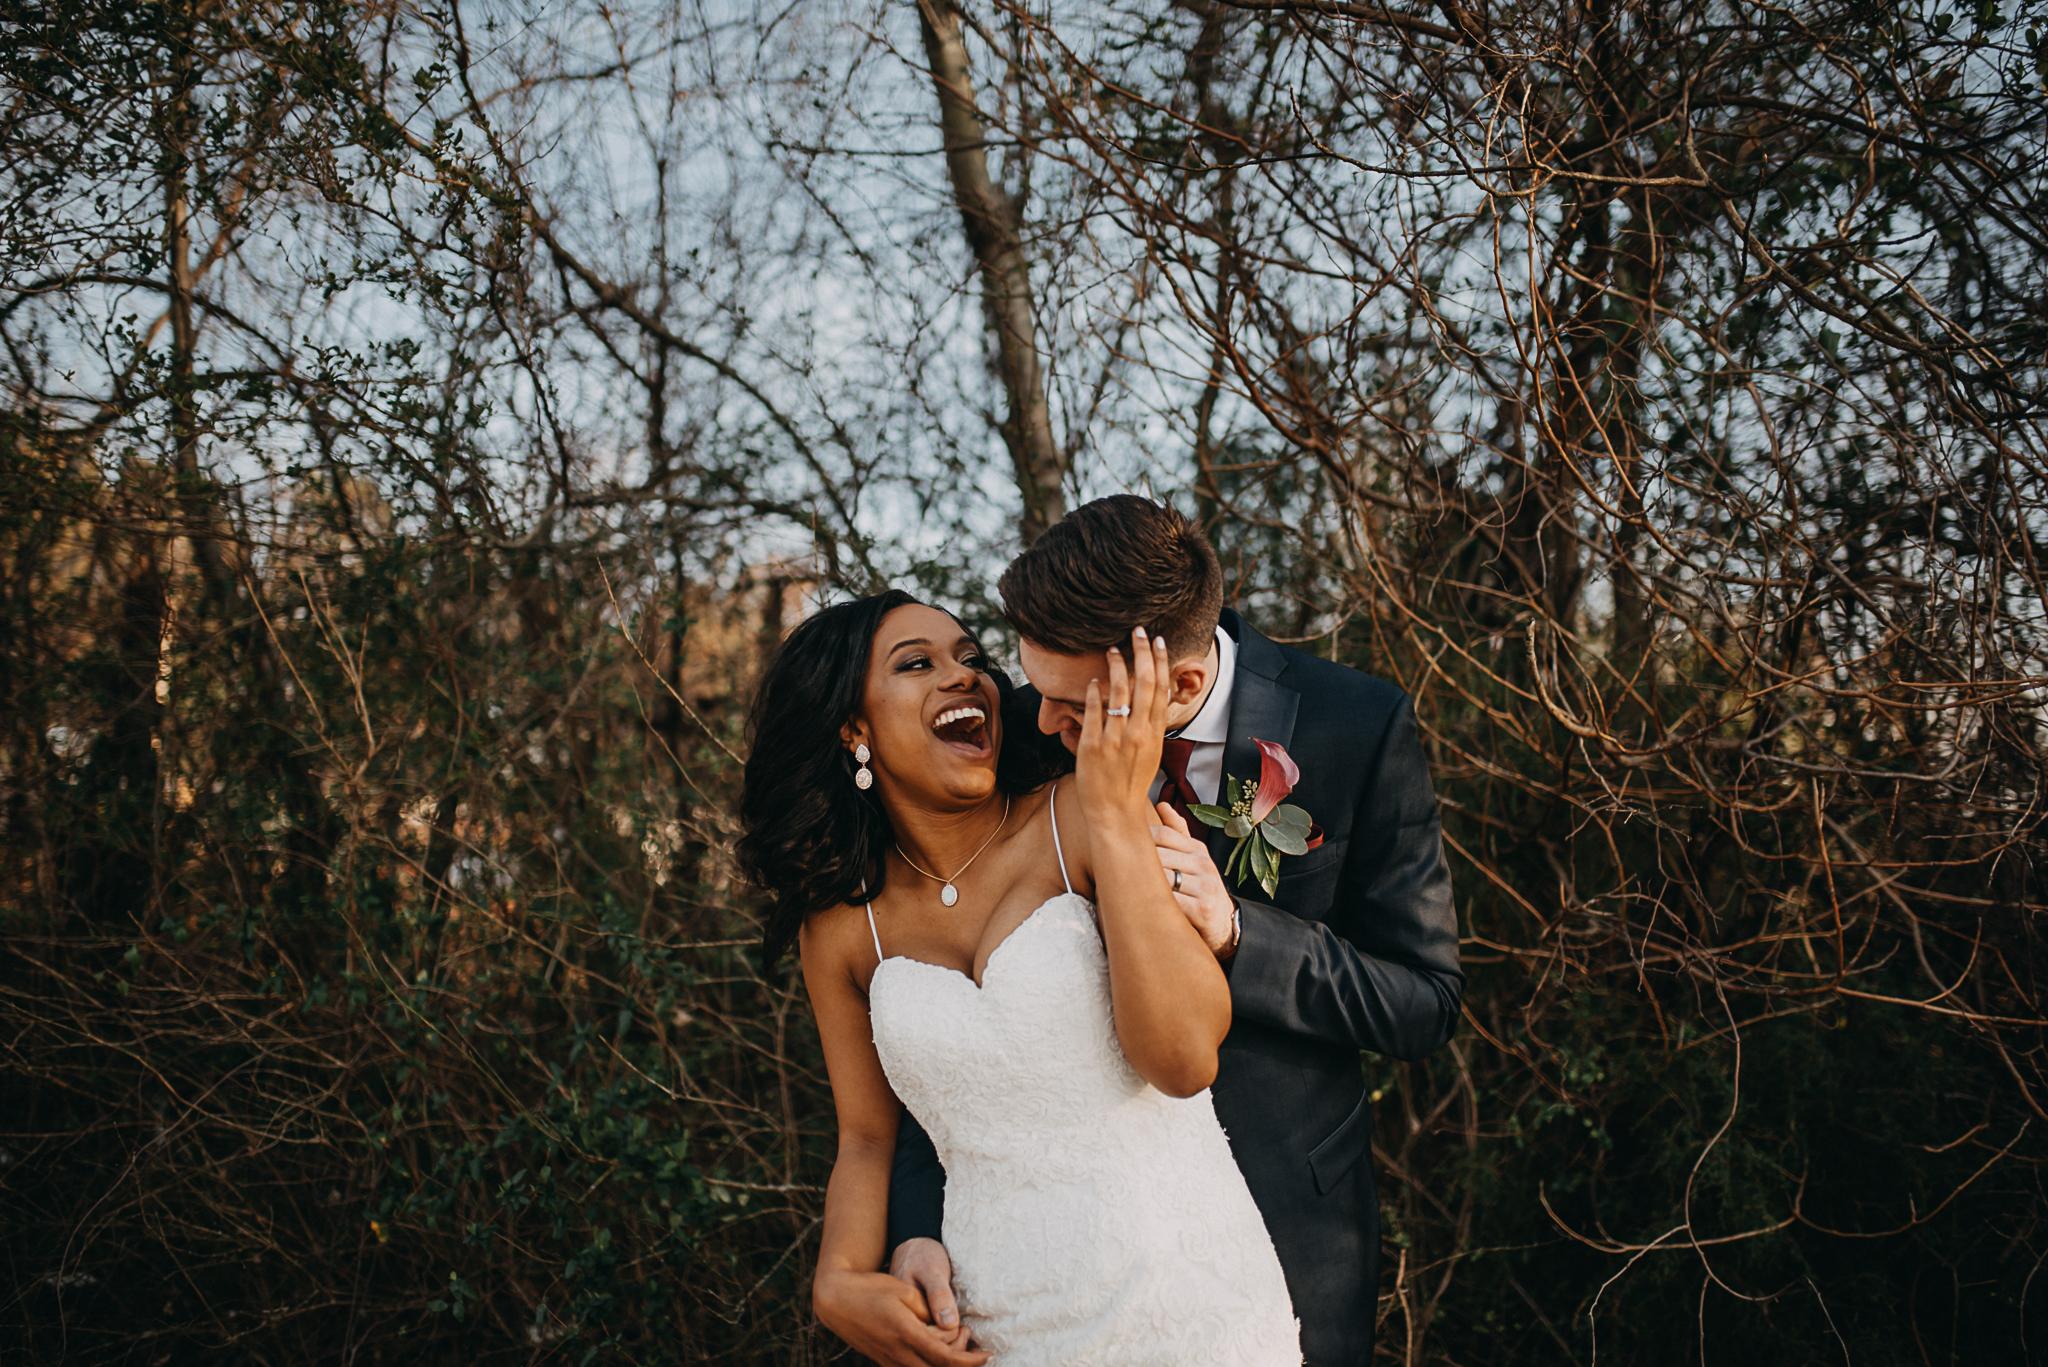 Javion&Joshua_Ashley_Benham_Photography-55.jpg